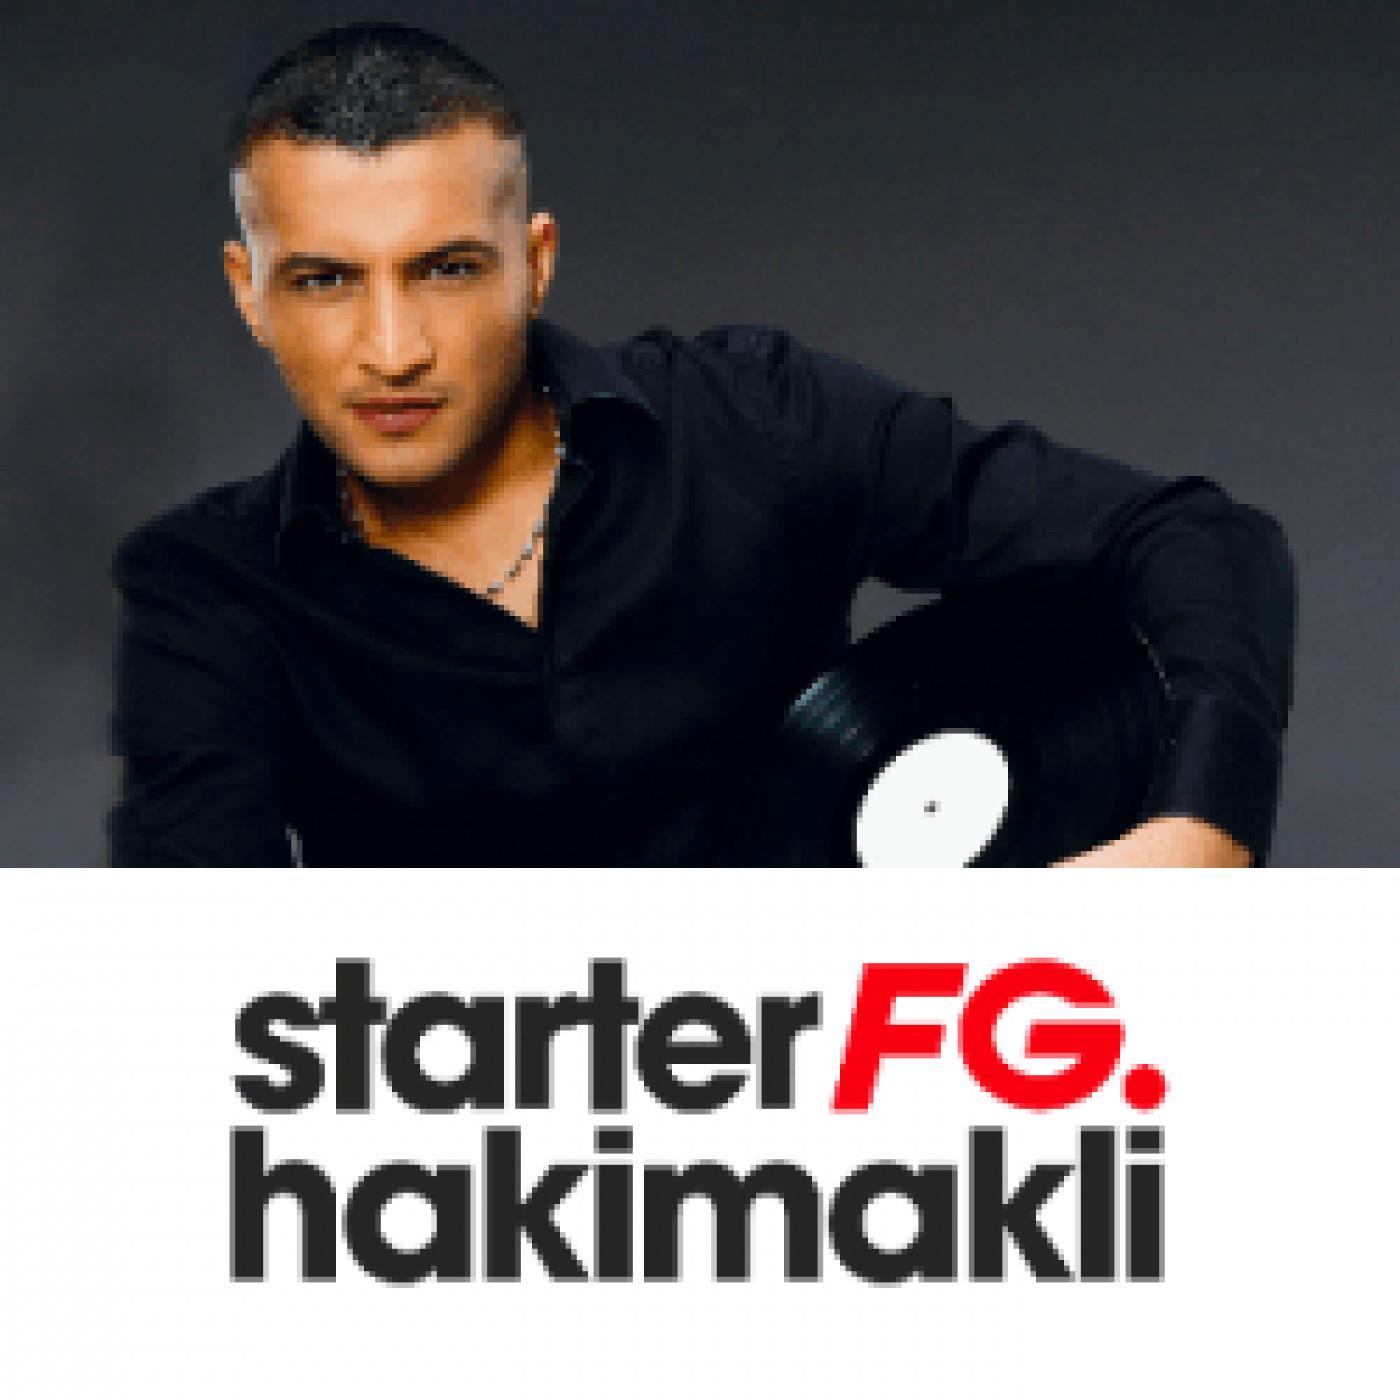 STARTER FG BY HAKIMAKLI MERCREDI 04 NOVEMBRE 2020